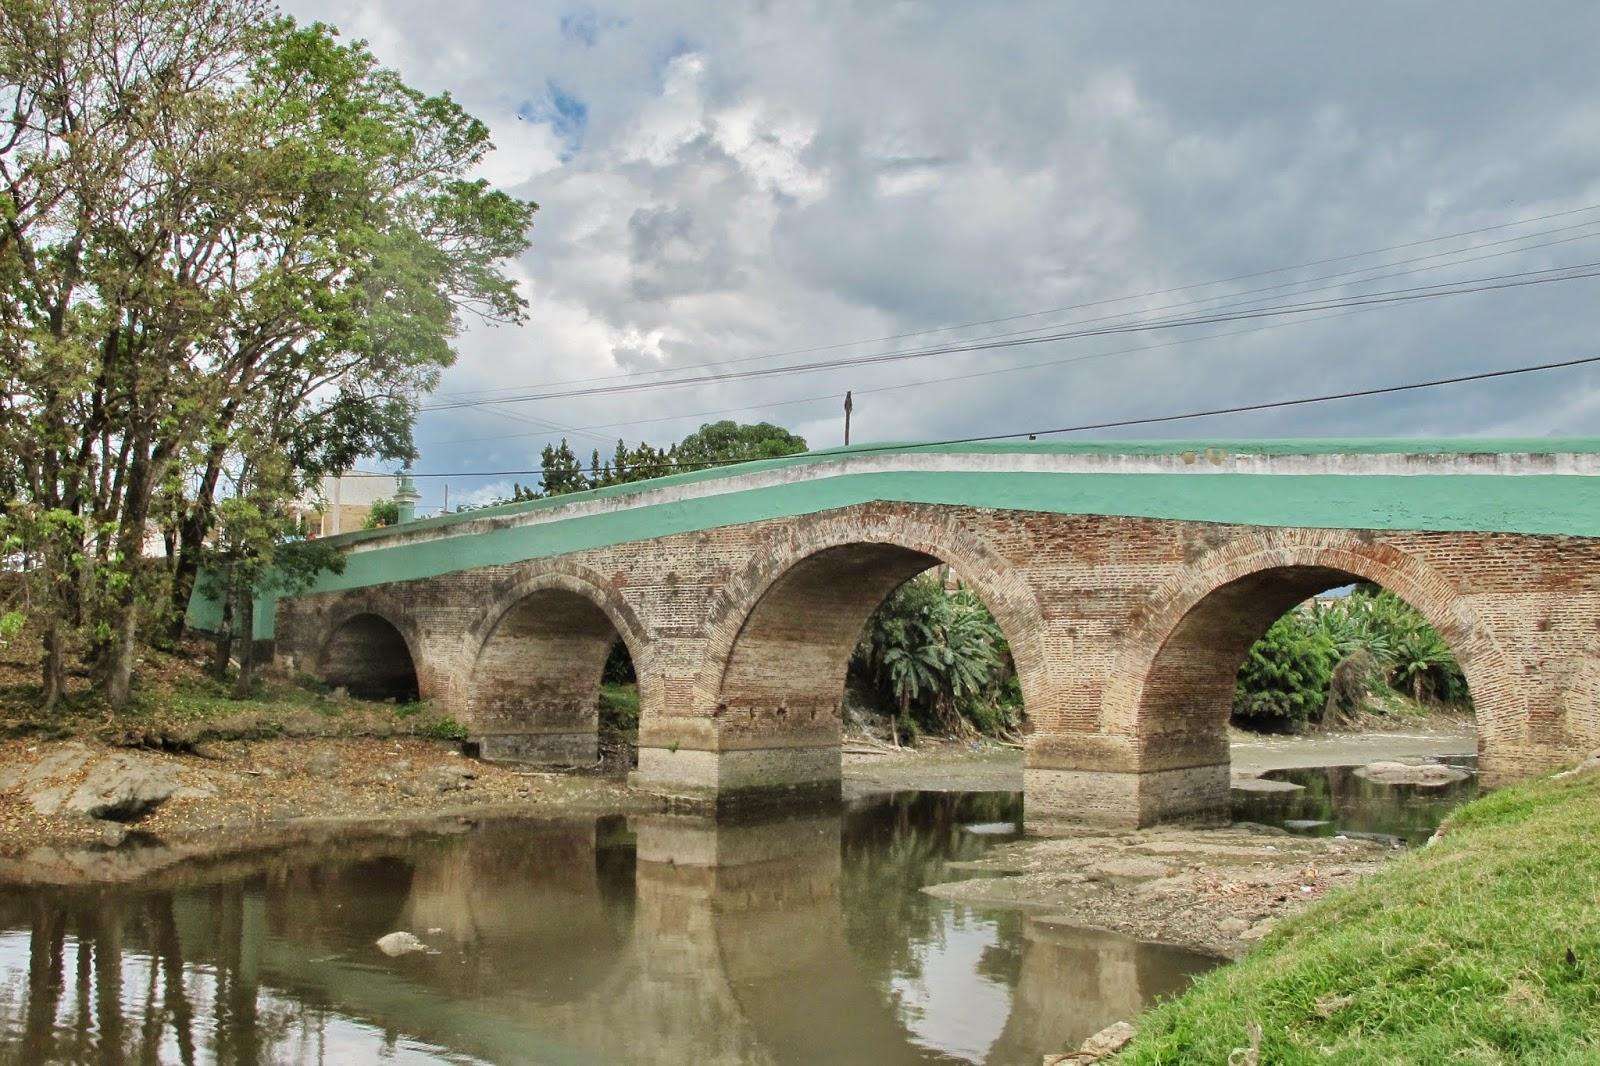 Ponte sobre o Rio Yayabo, em Sanctu Spiritus, na região central de Cuba